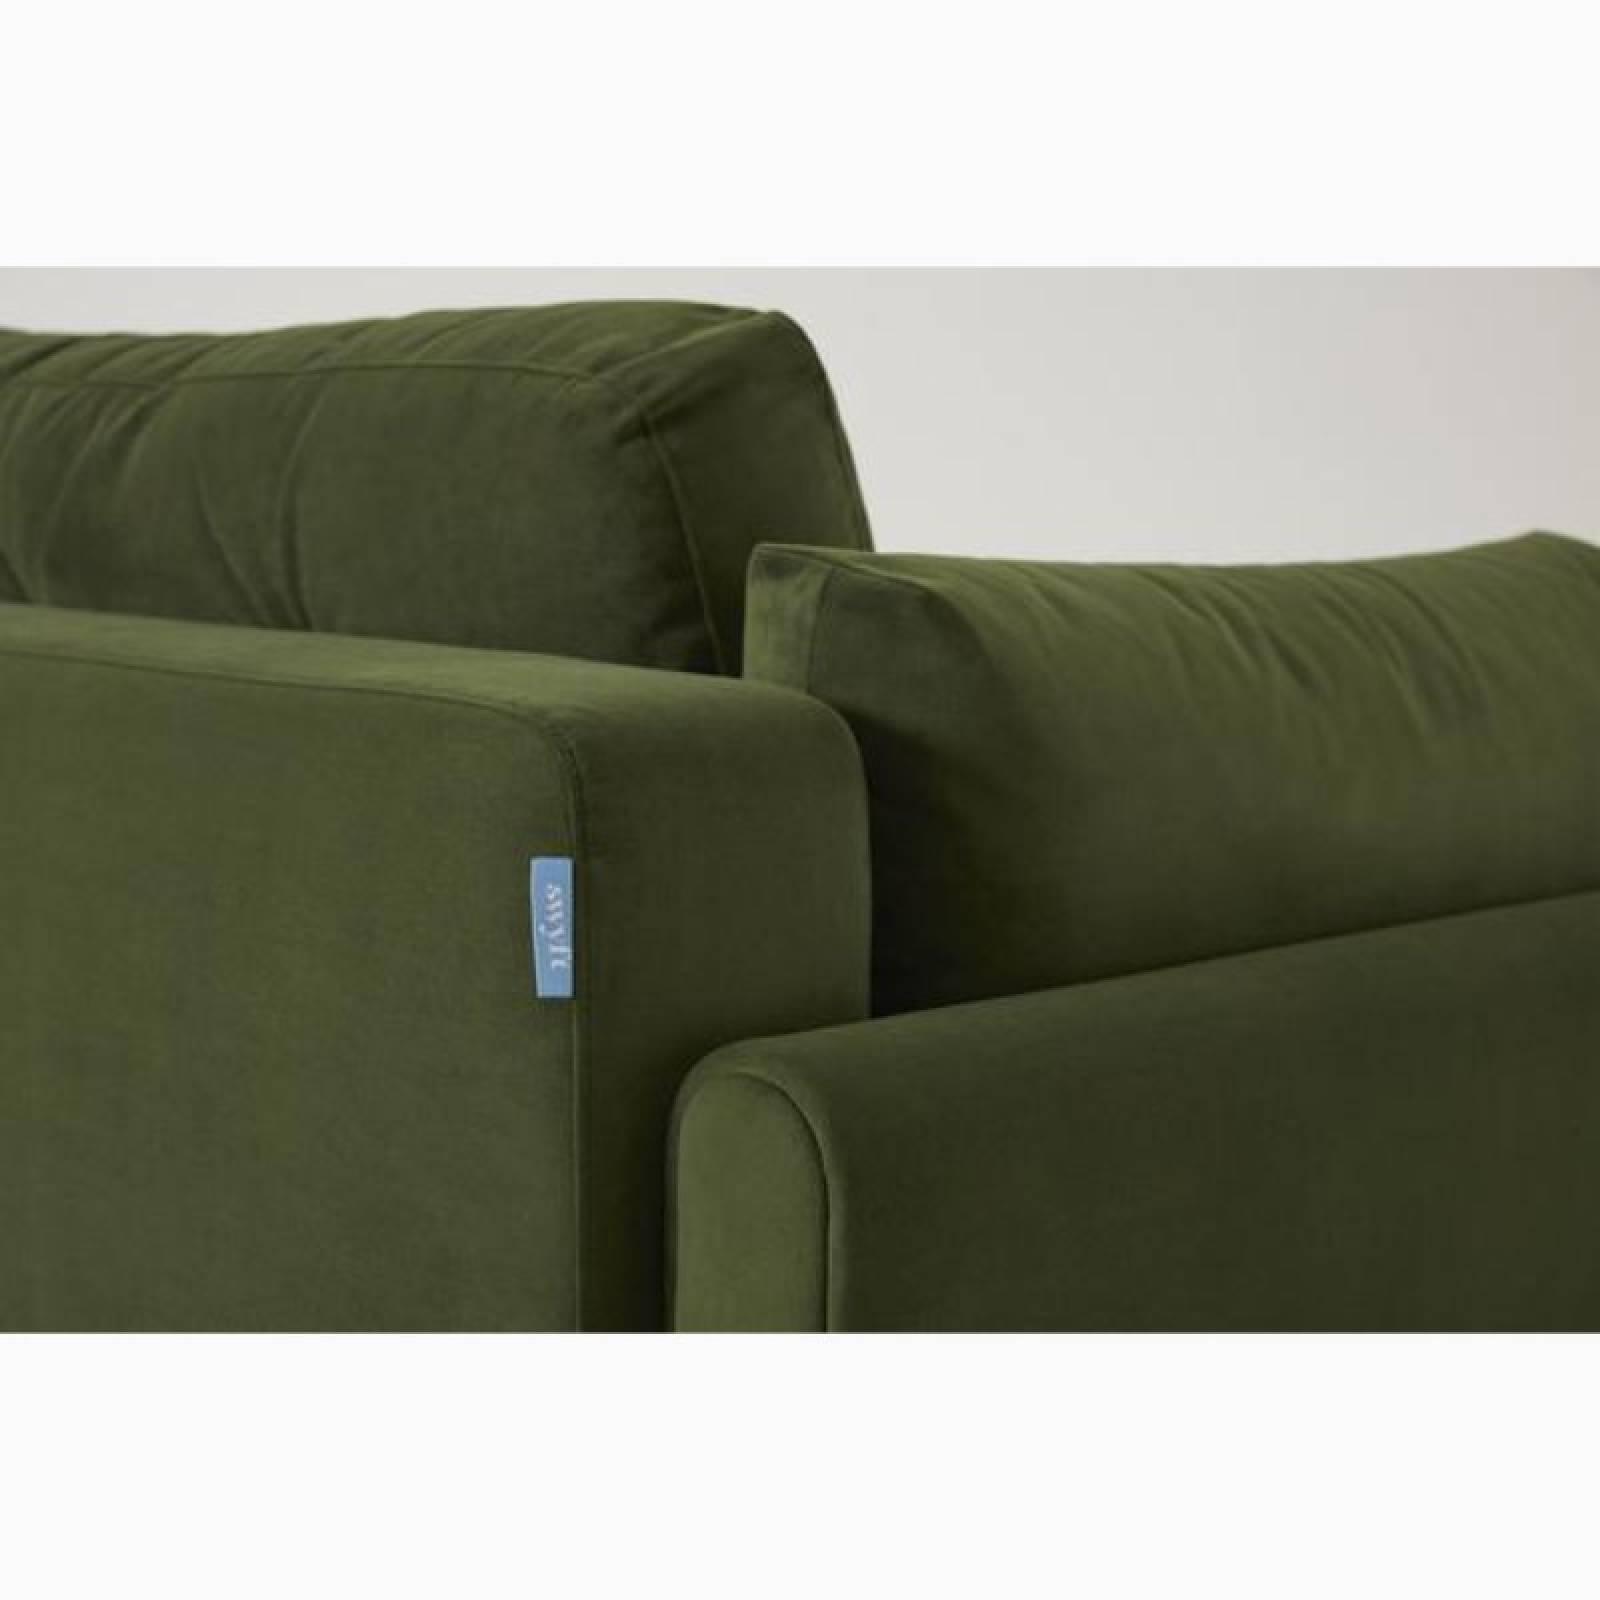 Swyft - Model 04 - 3 Seater Sofa Bed - Velvet Vine thumbnails